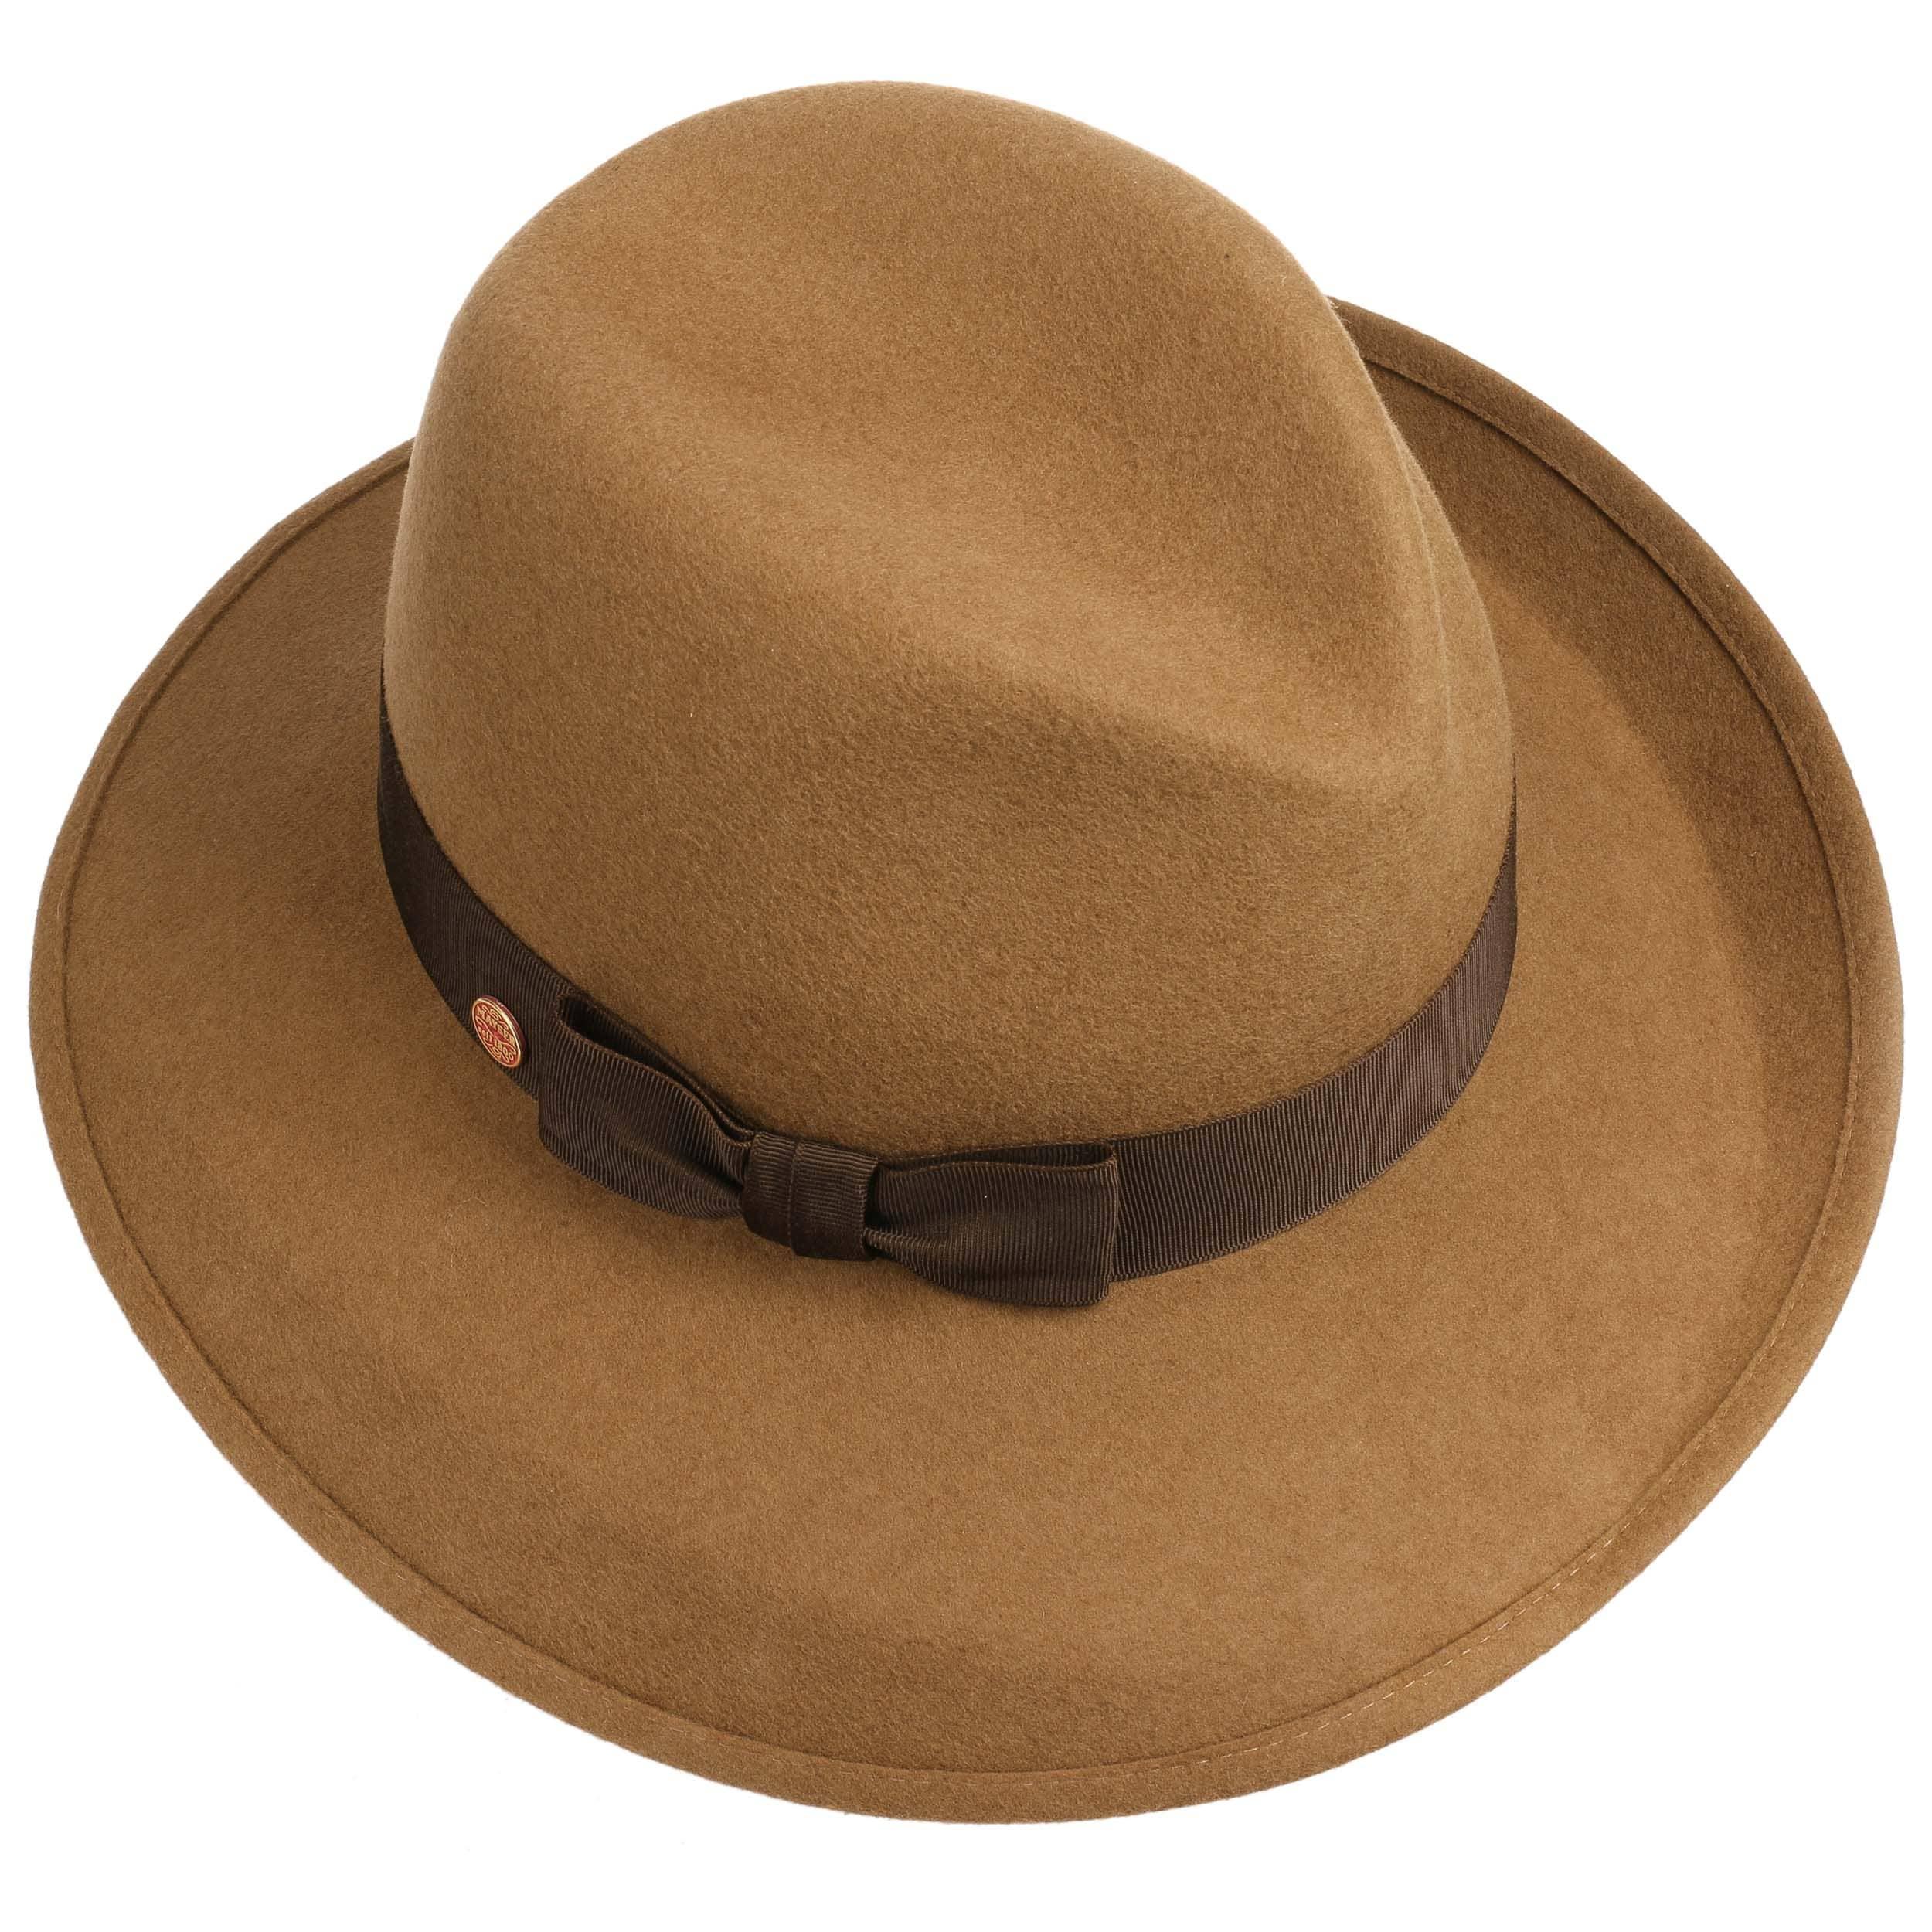 ... Heidrun Cappello da Donna by Mayser - cammello 1 ... 6a10ae43b908